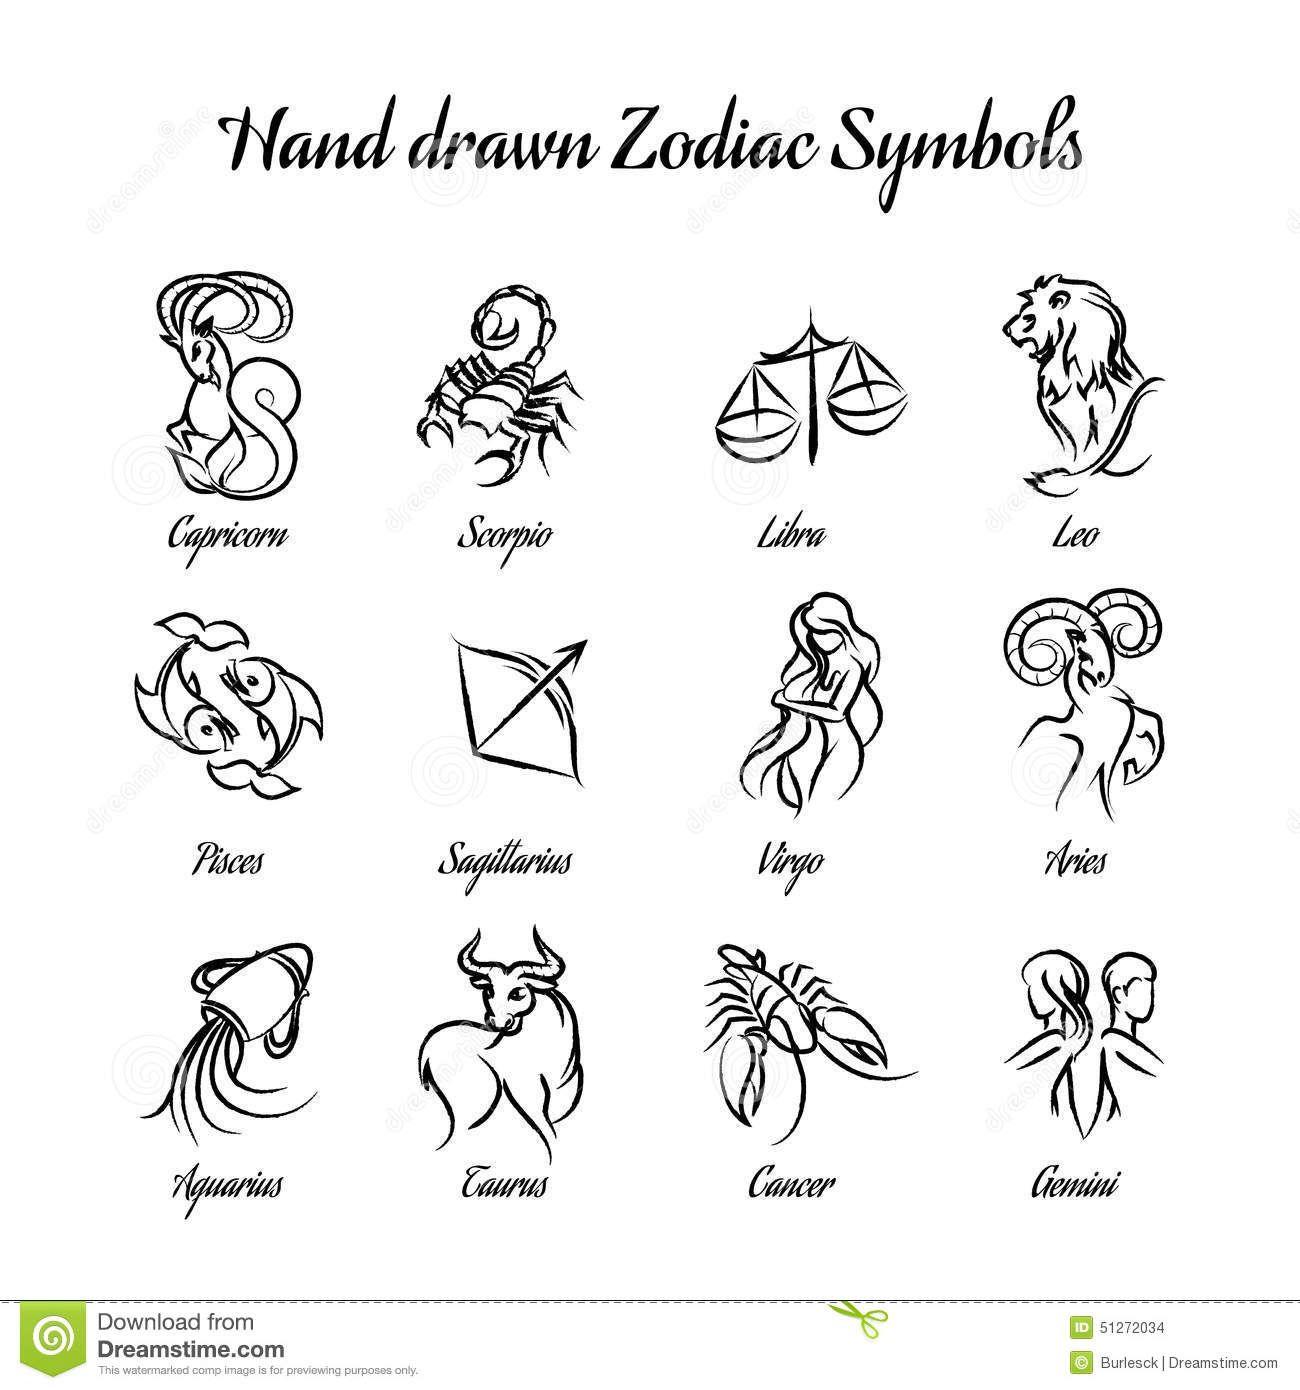 Simbolo Leo Tattoo - Buscar Con Google